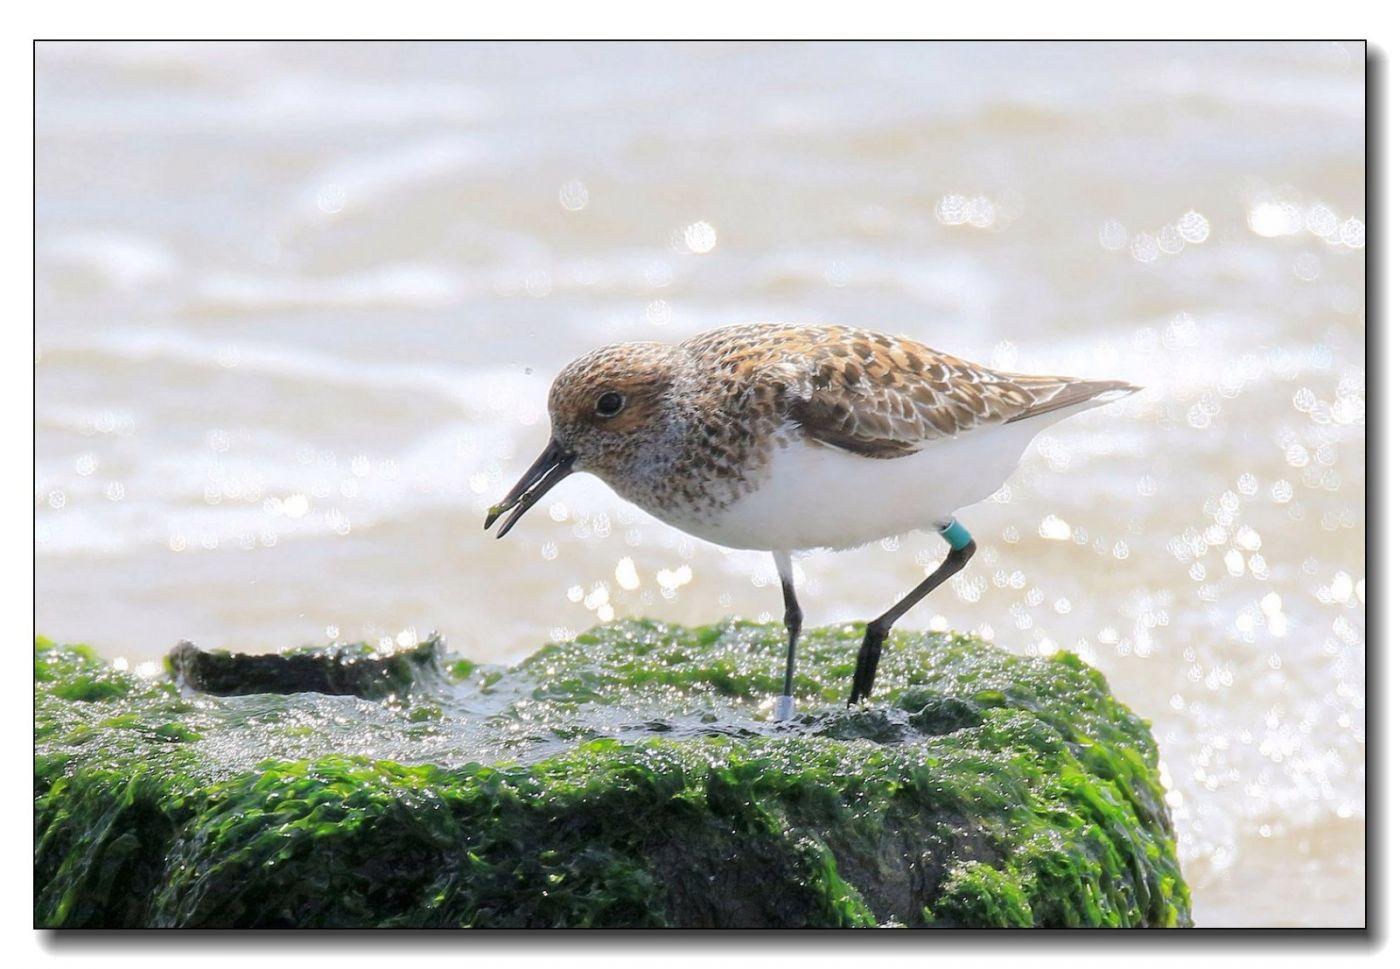 洛克威海滩拍鸟—滨鹬_图1-14